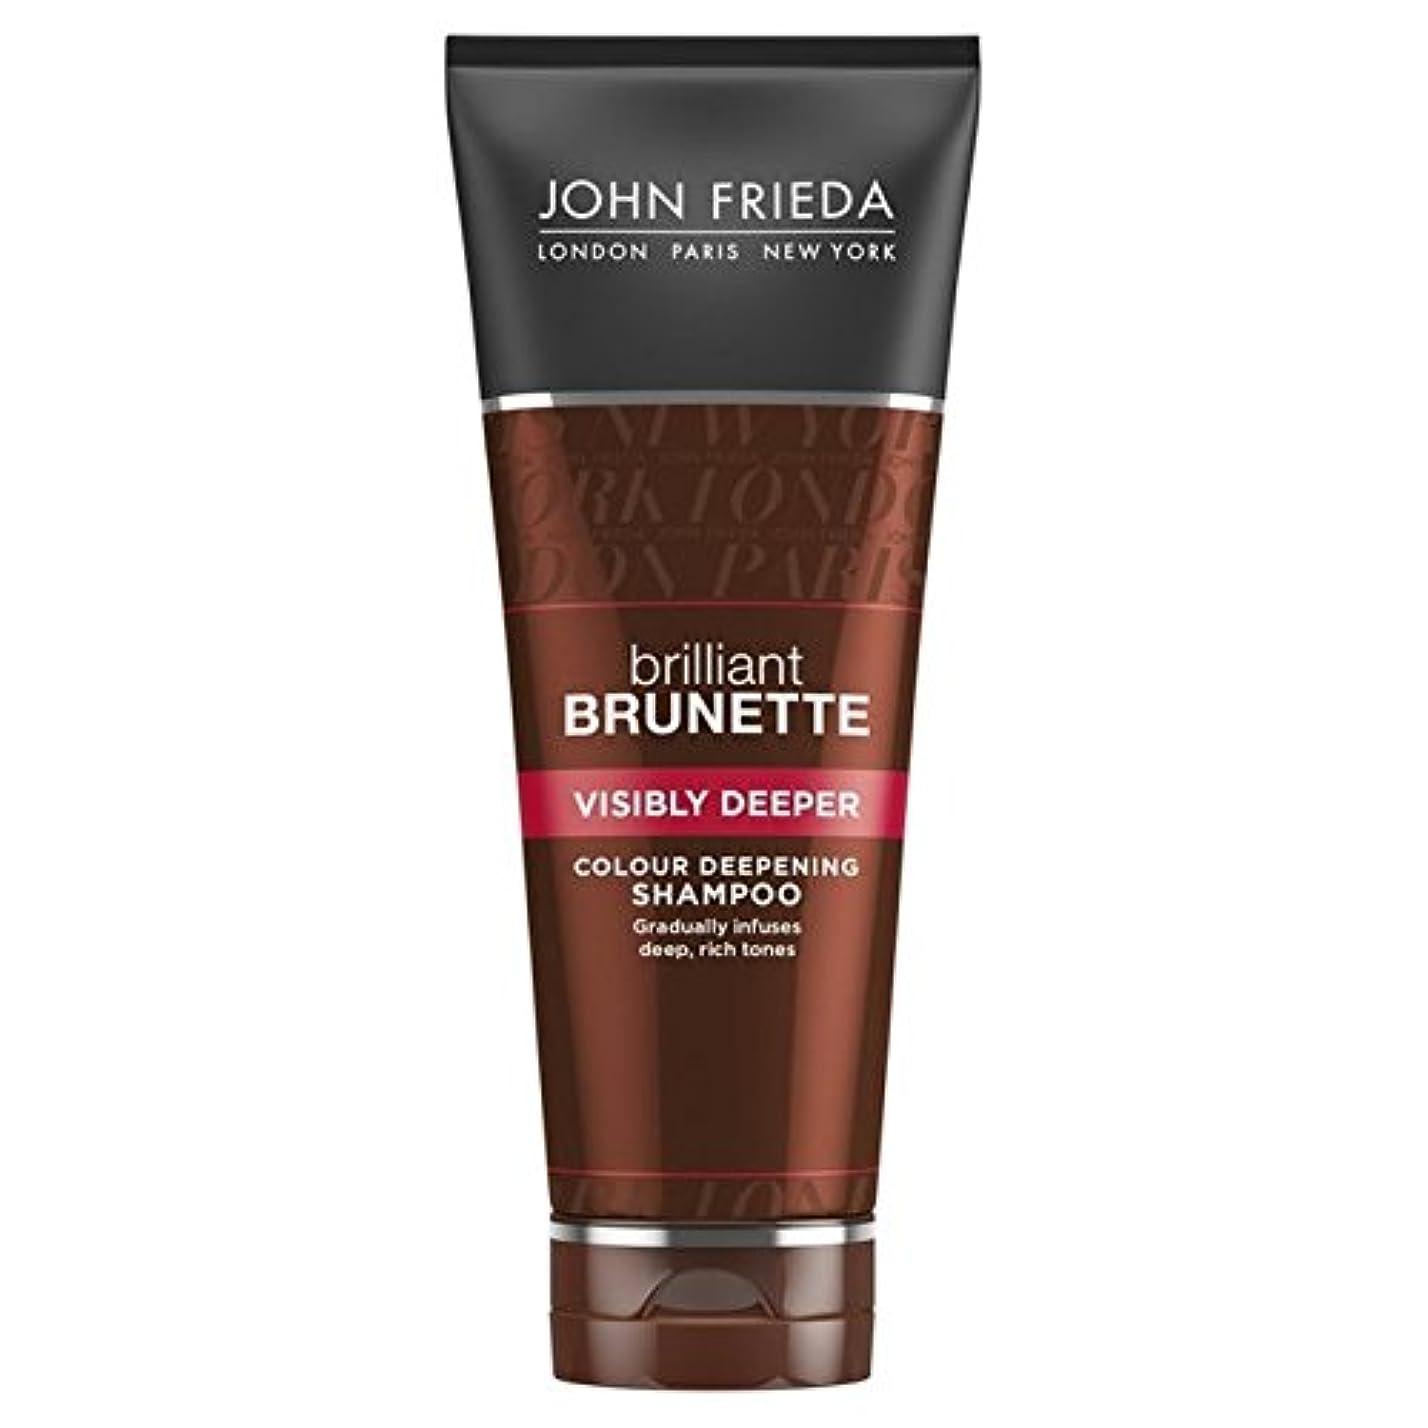 オペラ批判的安全ジョン?フリーダ華麗なブルネット目に見えてより深いシャンプー250 x2 - John Frieda Brilliant Brunette Visibly Deeper Shampoo 250ml (Pack of 2) [並行輸入品]